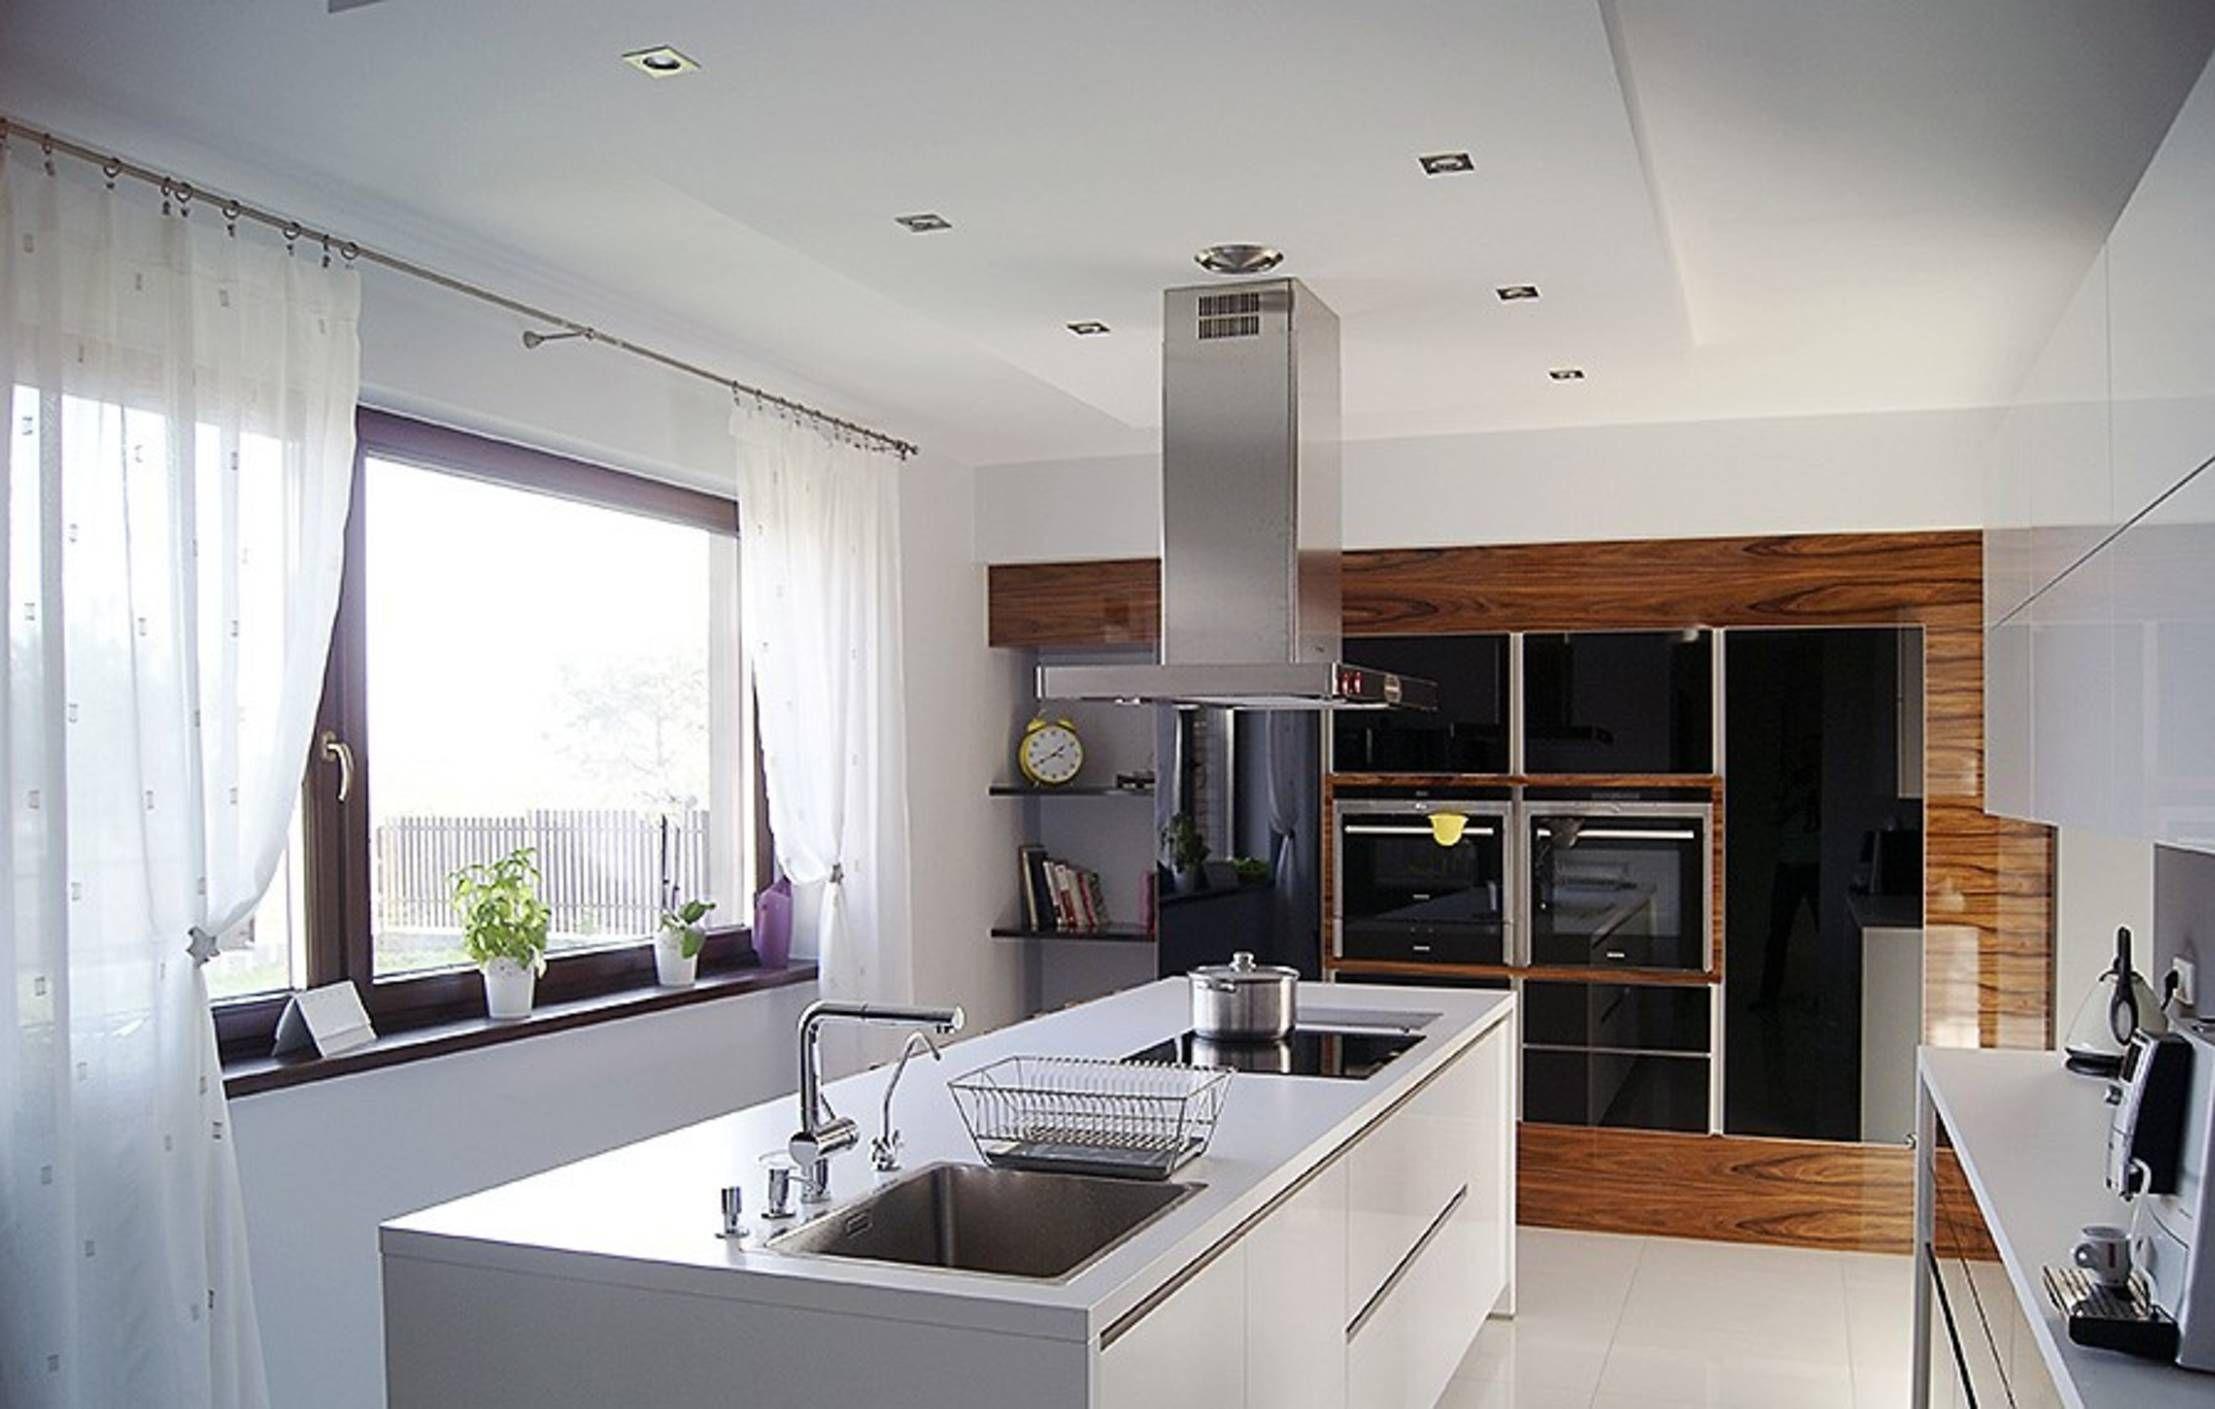 Ungewöhnlich Große Quadratische Kücheninsel Zeitgenössisch - Ideen ...